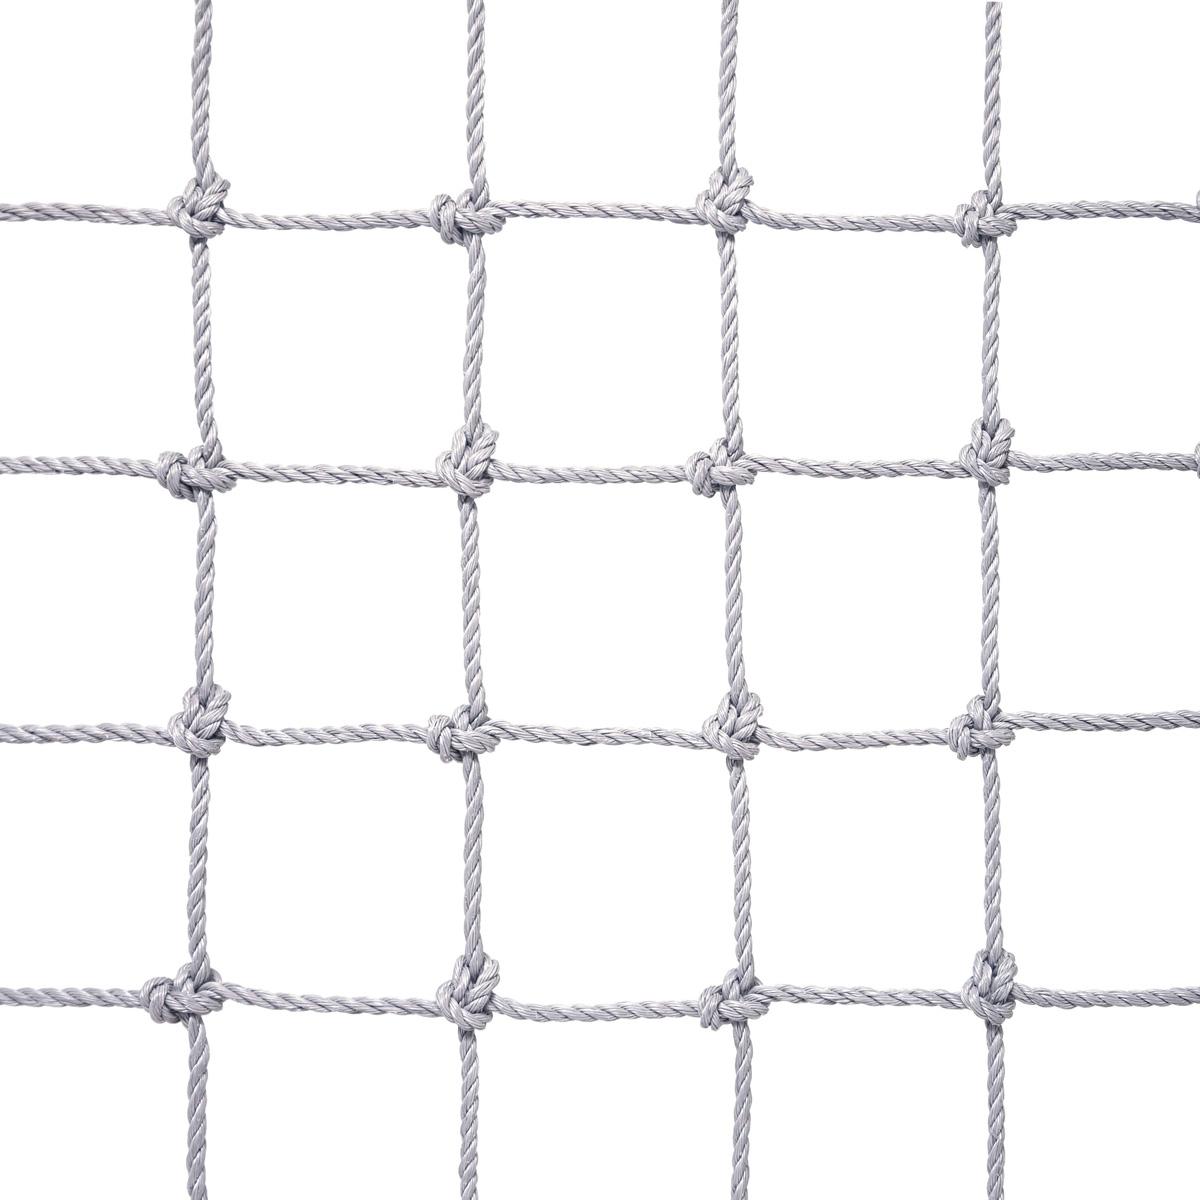 防炎ネット〈難燃性ヨリ線ネット25有結節〉目合い:25mm